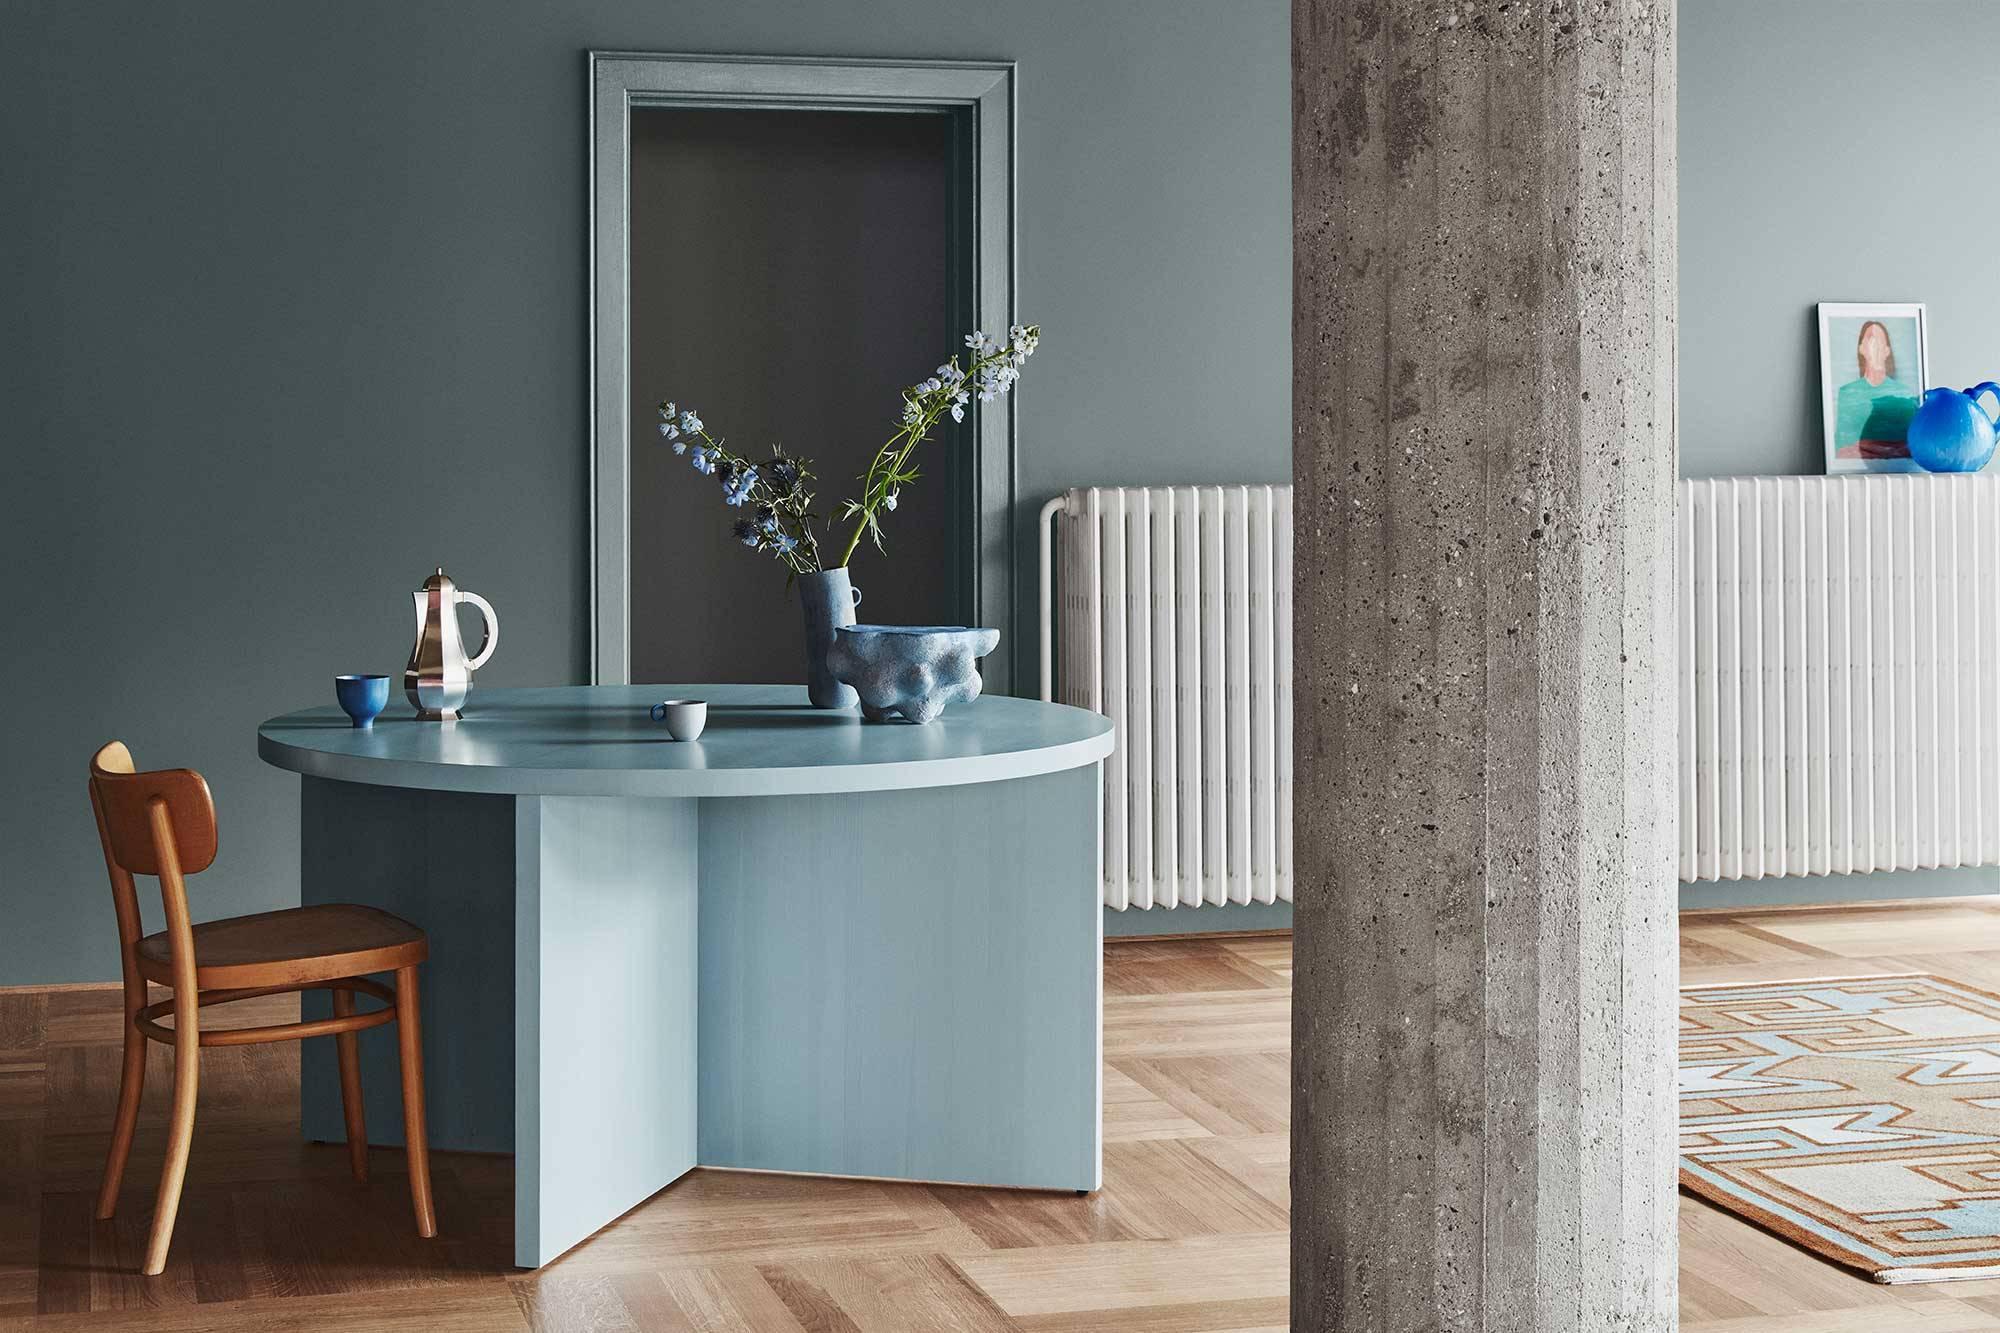 H-Jotun-5490-Serene-Blue. Un azul grisáceo calmado y con carácter